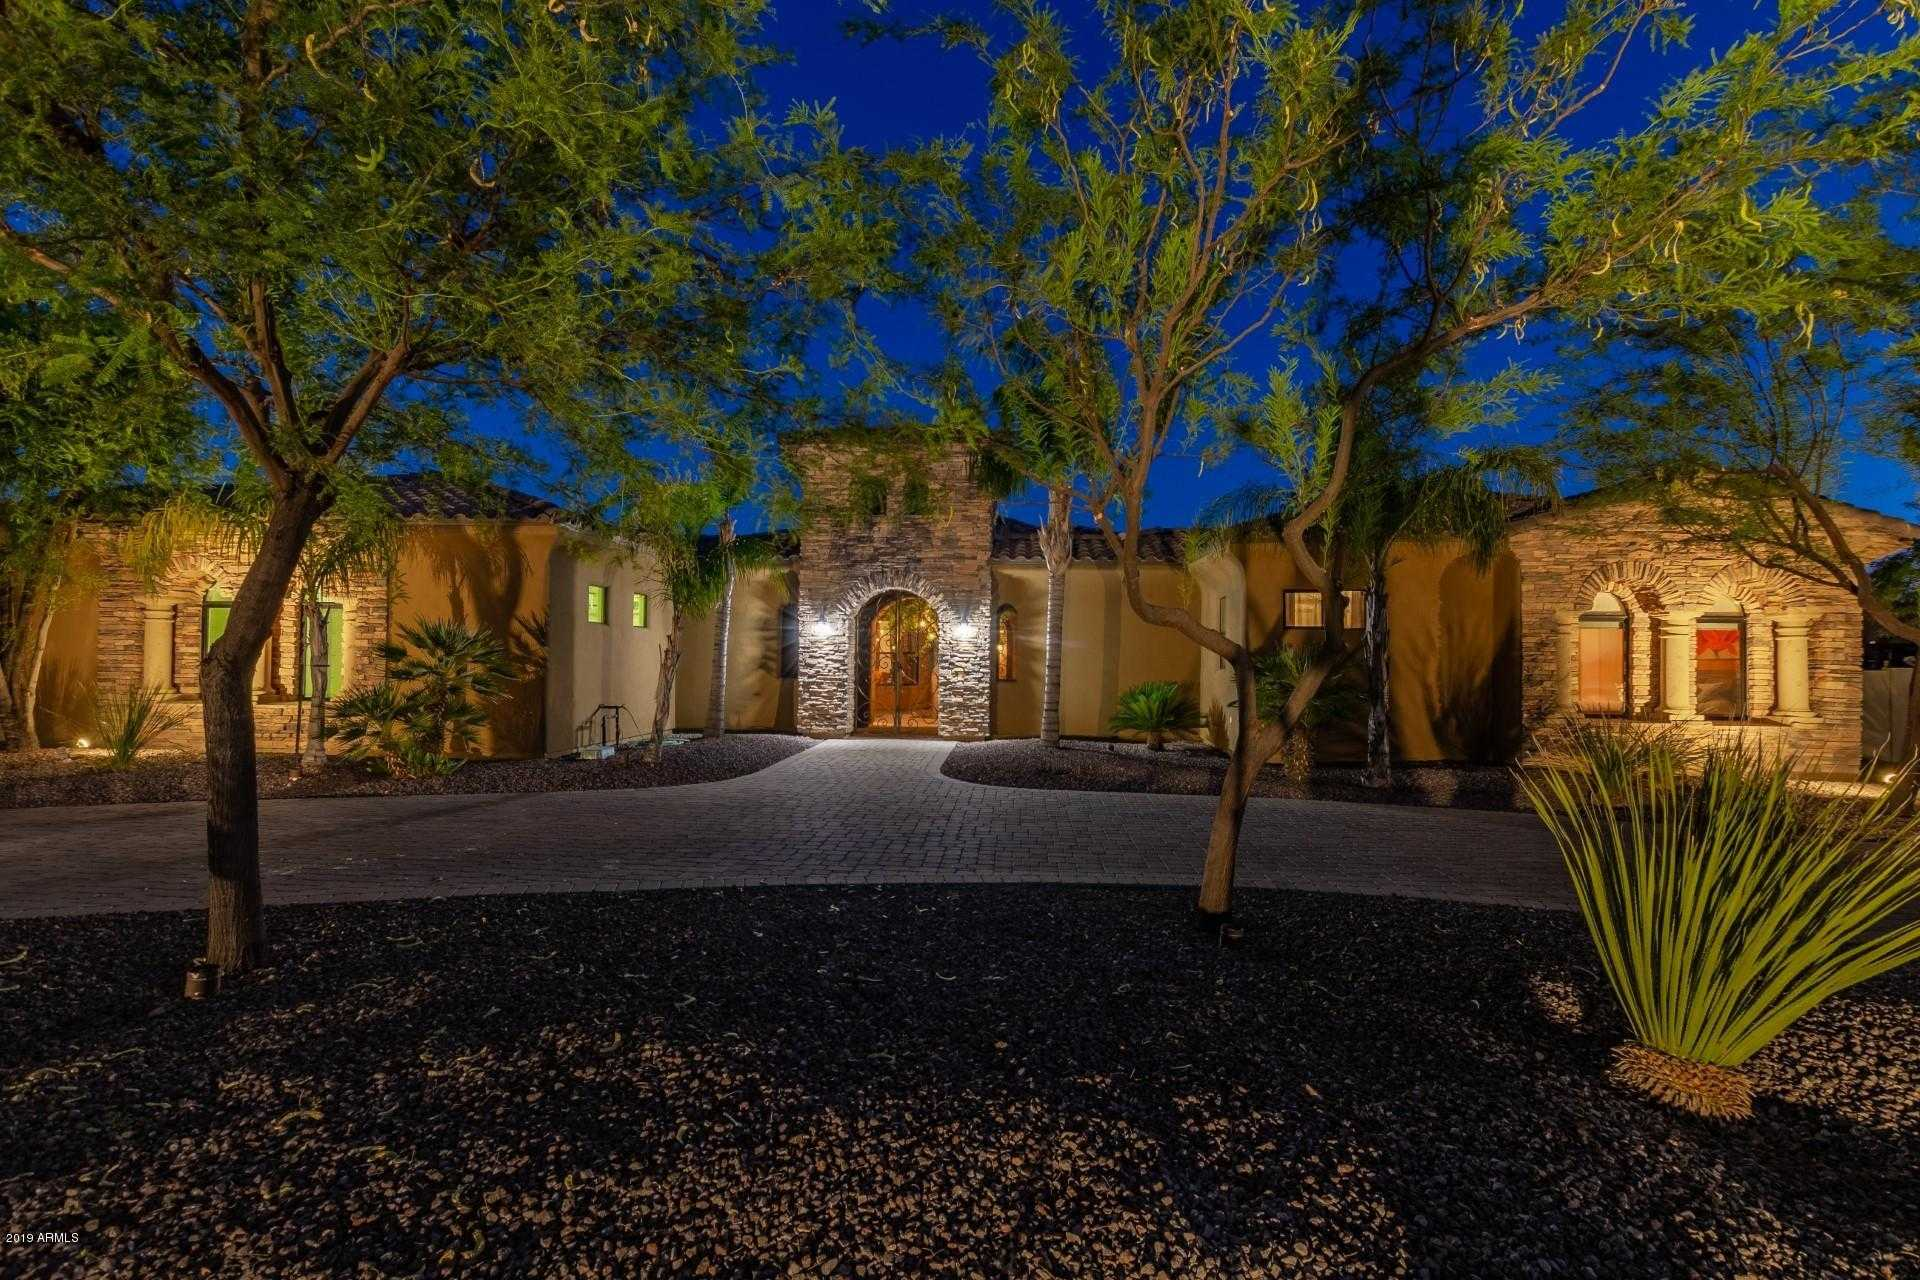 $1,299,000 - 4Br/5Ba - Home for Sale in Th Pt N2 Nw4 Sw4 Sw4 Sec Desc P/f 05-757752, Peoria